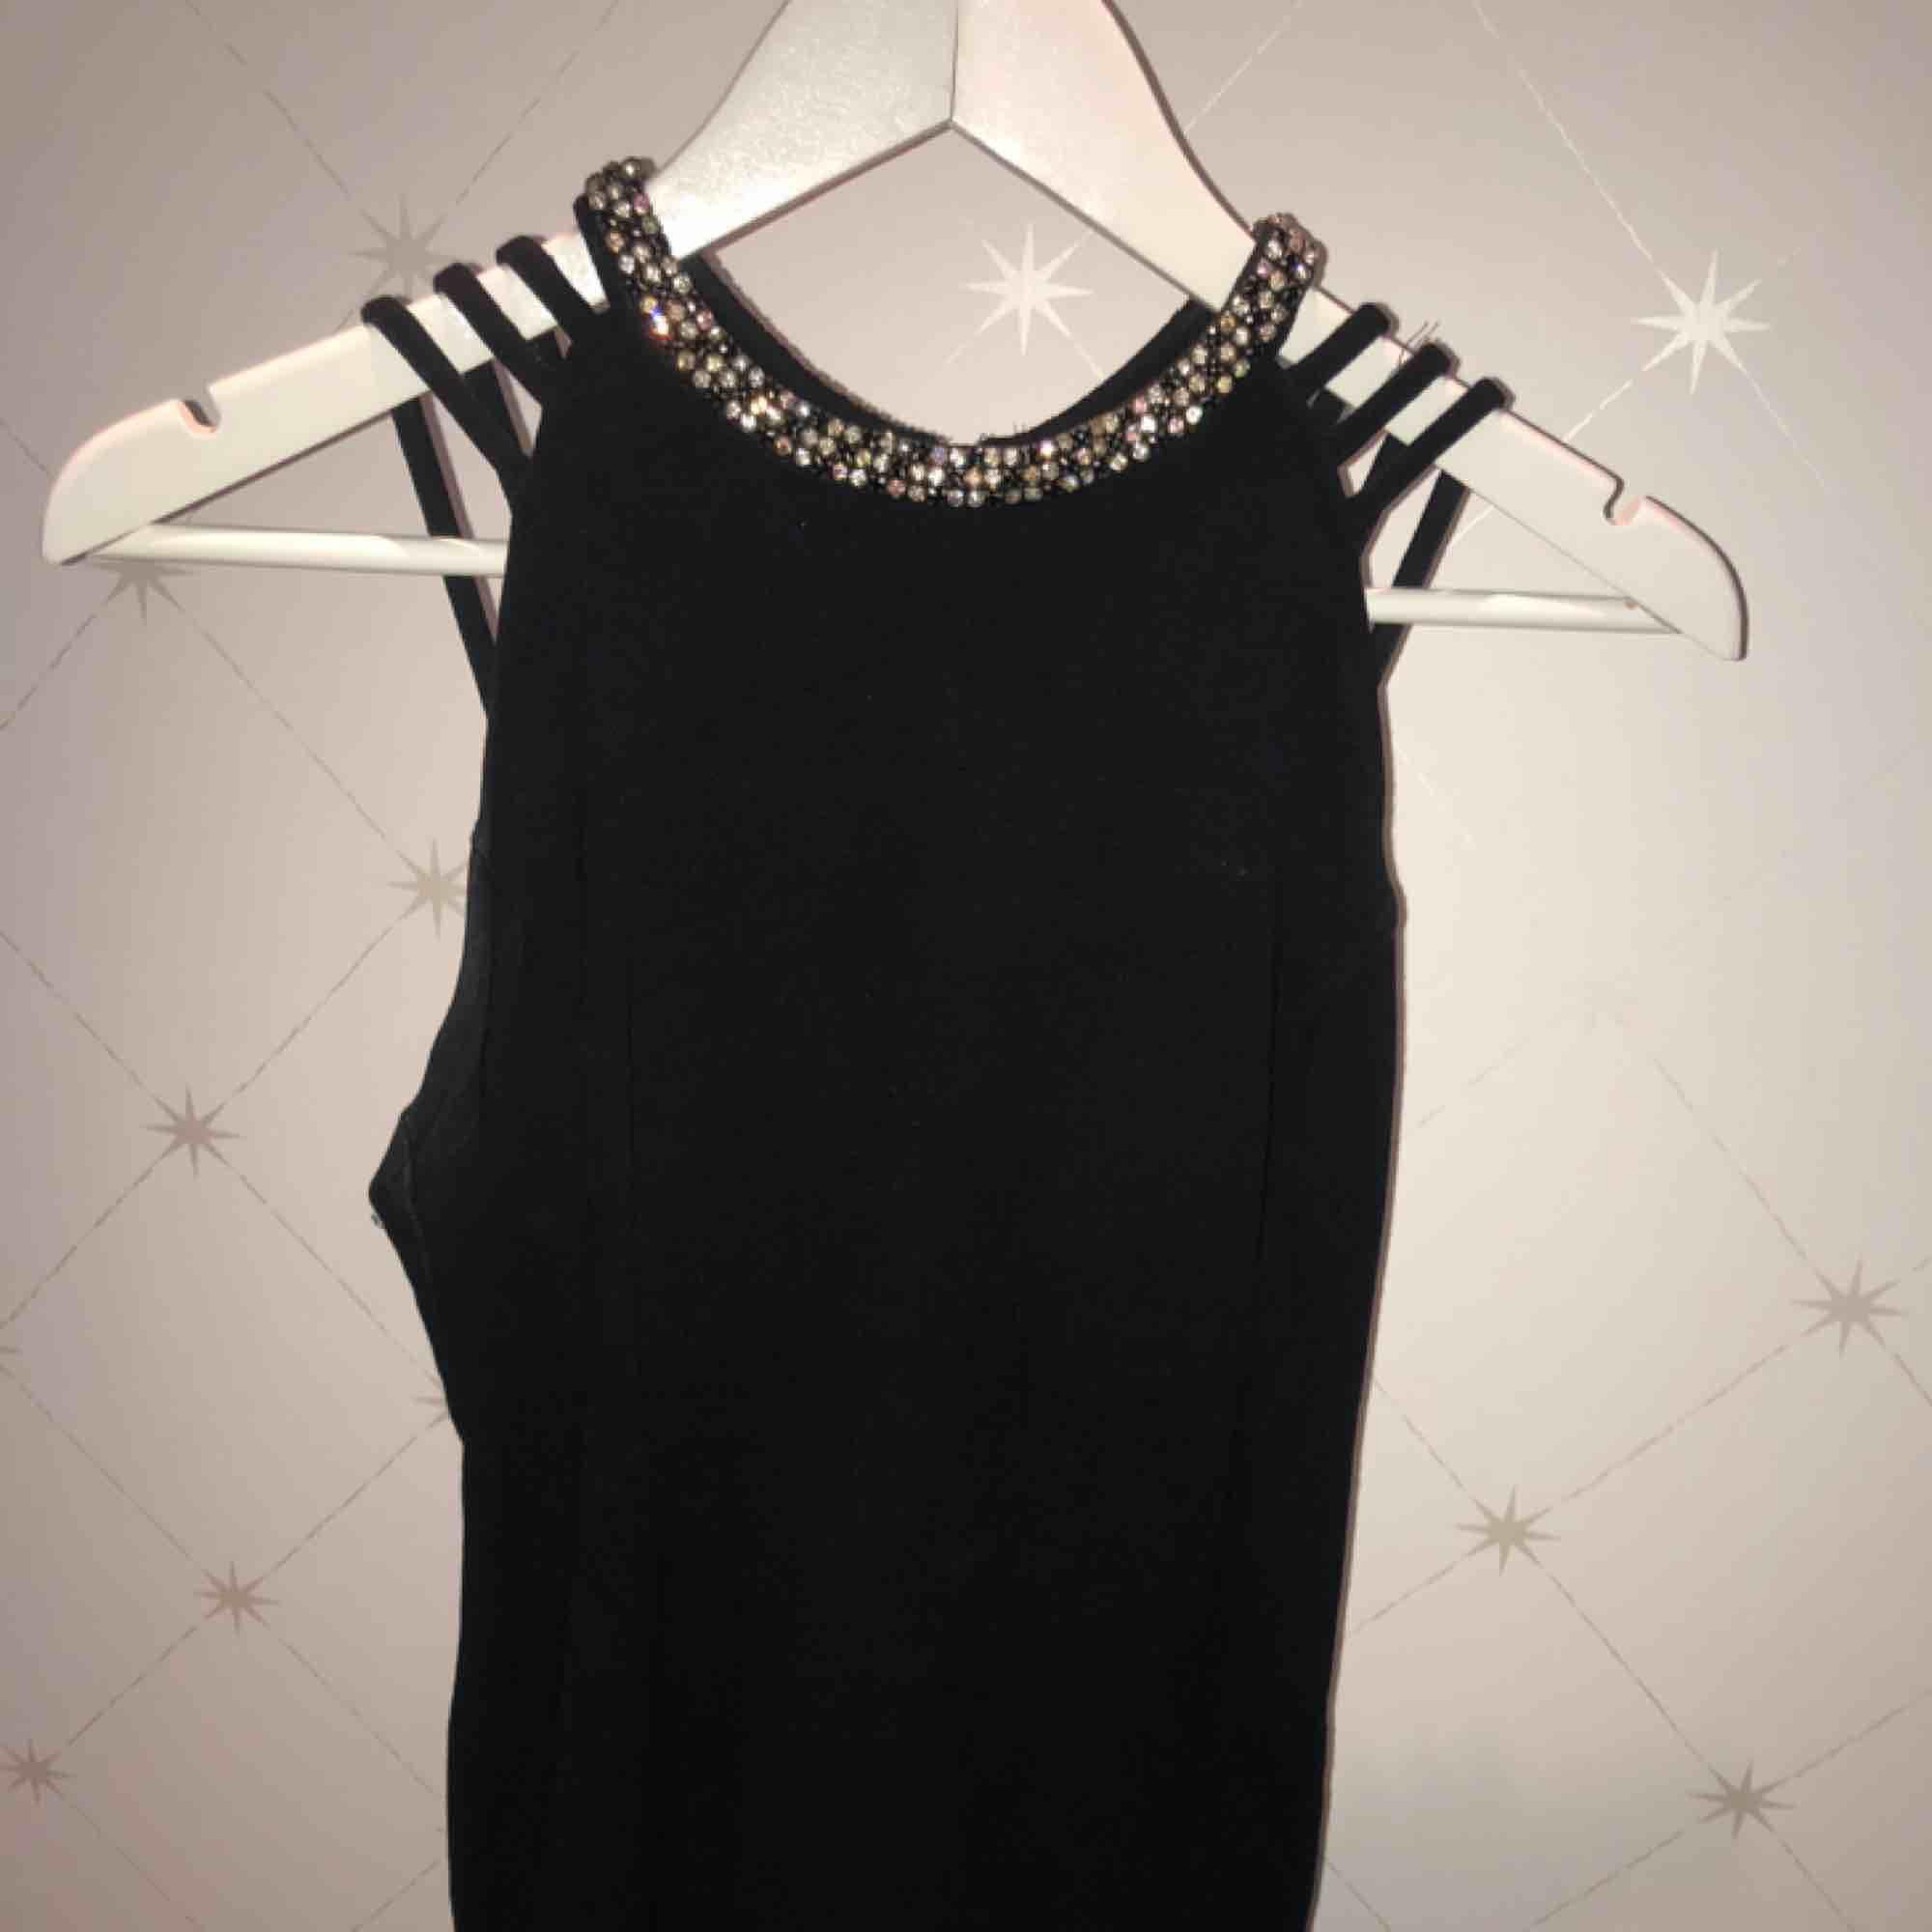 Svart festklänning med öppen rygg och korsade band. Vid halsen är det små kristaller som toppar allt🌟 storlek 36 och säljs billigt. Ursprungspris 1299kr. Klänningar.